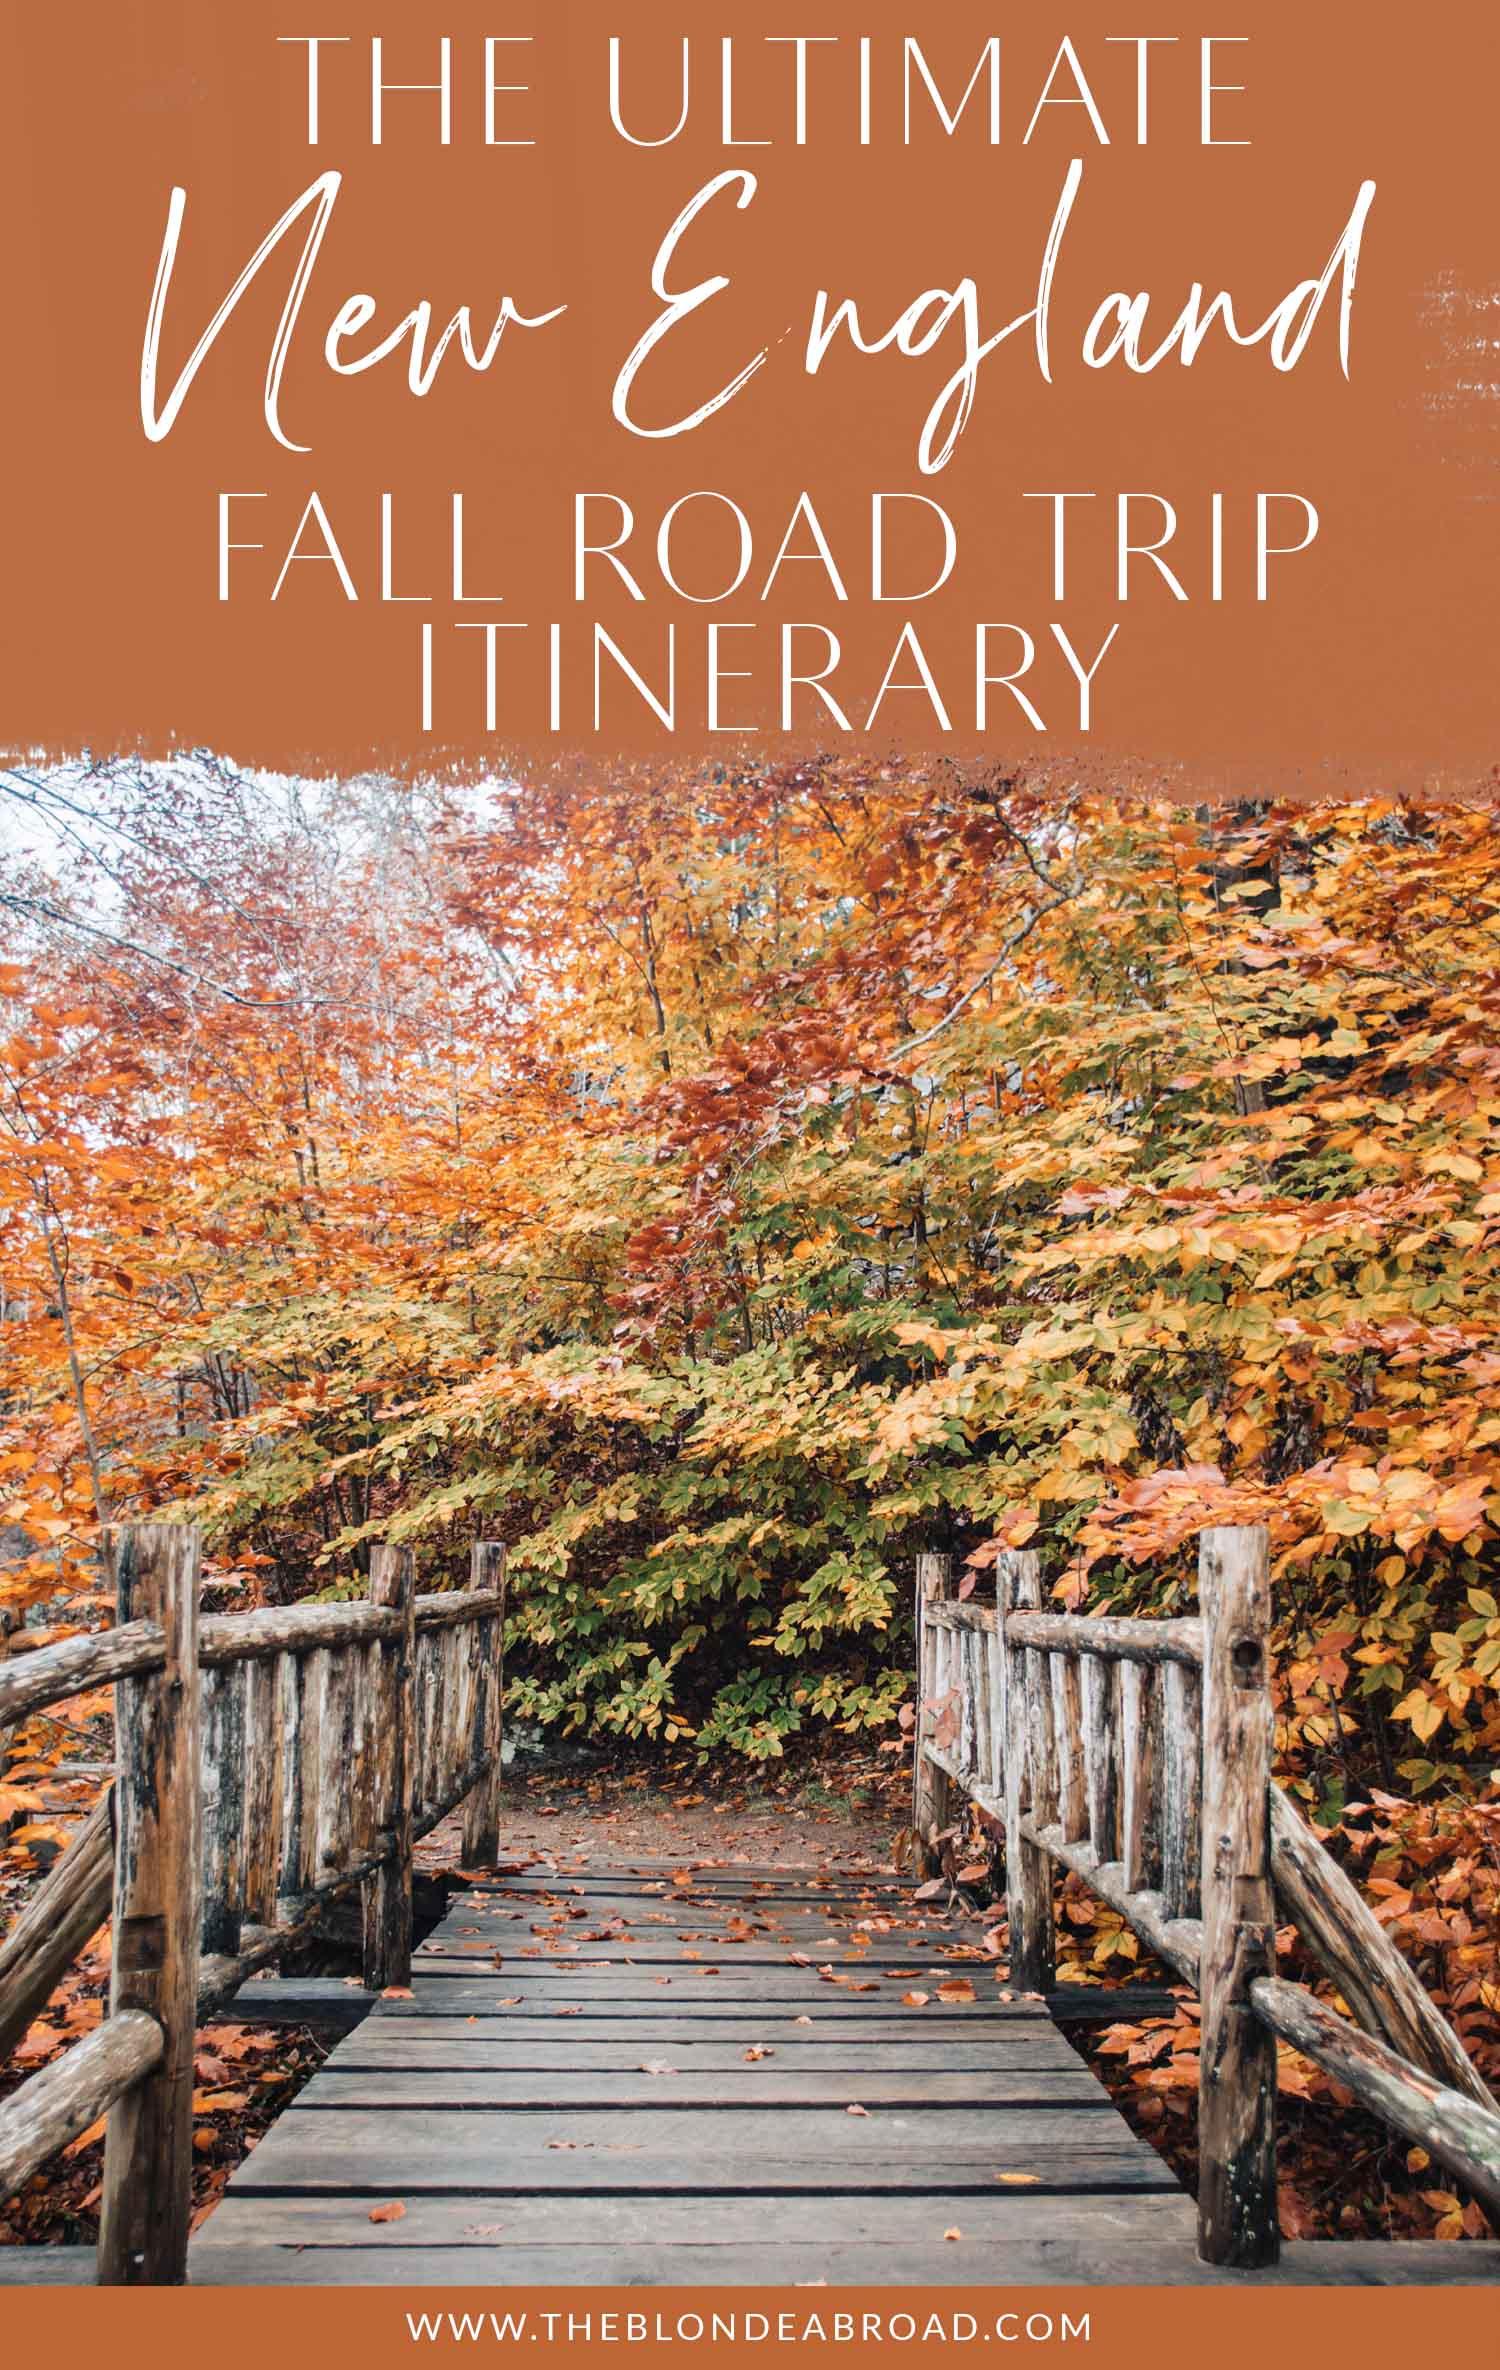 Viagem de outono definitiva para a Nova Inglaterra